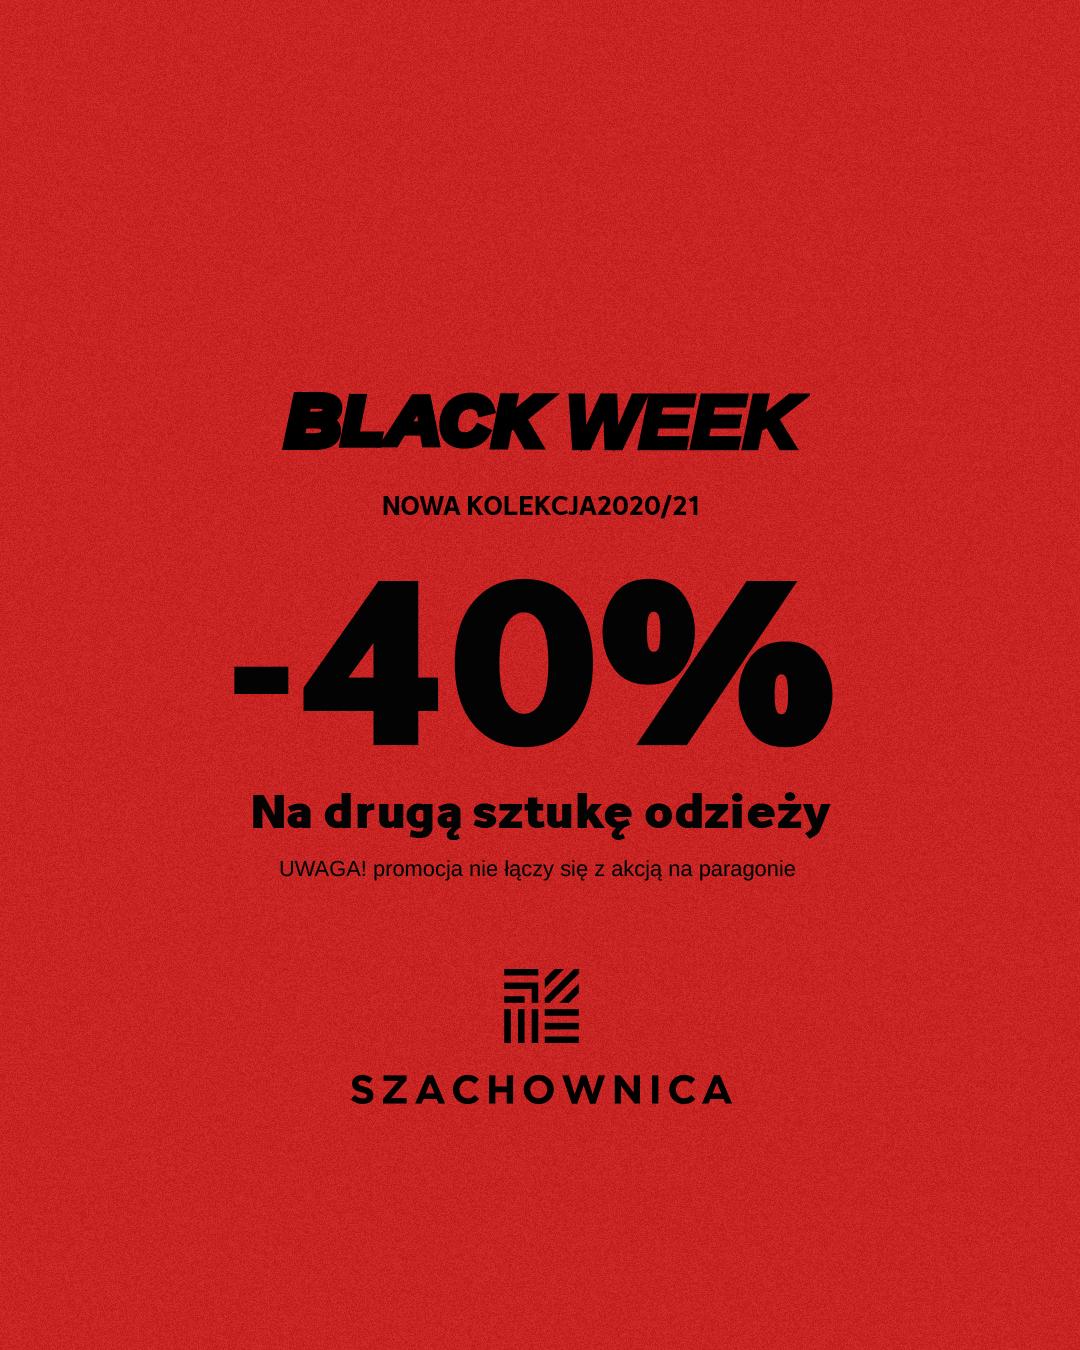 Black Week w sklepie Szachownica!